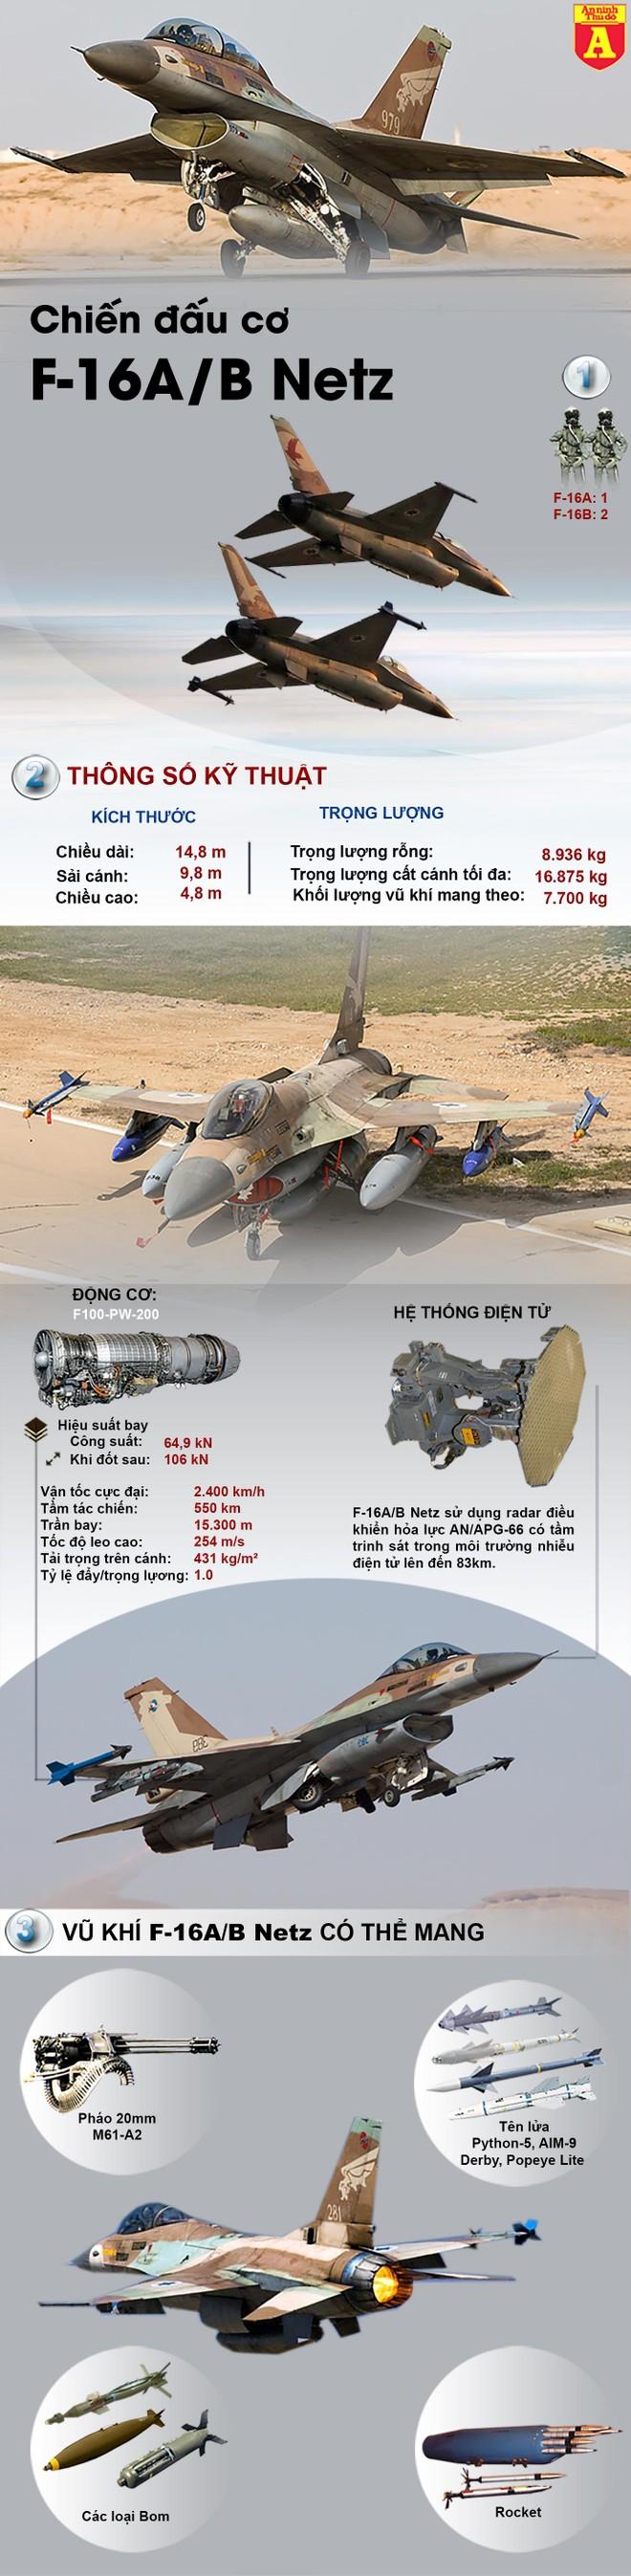 [Info] Tiêm kích F-16 tư nhân đầu tiên cất cánh ảnh 2